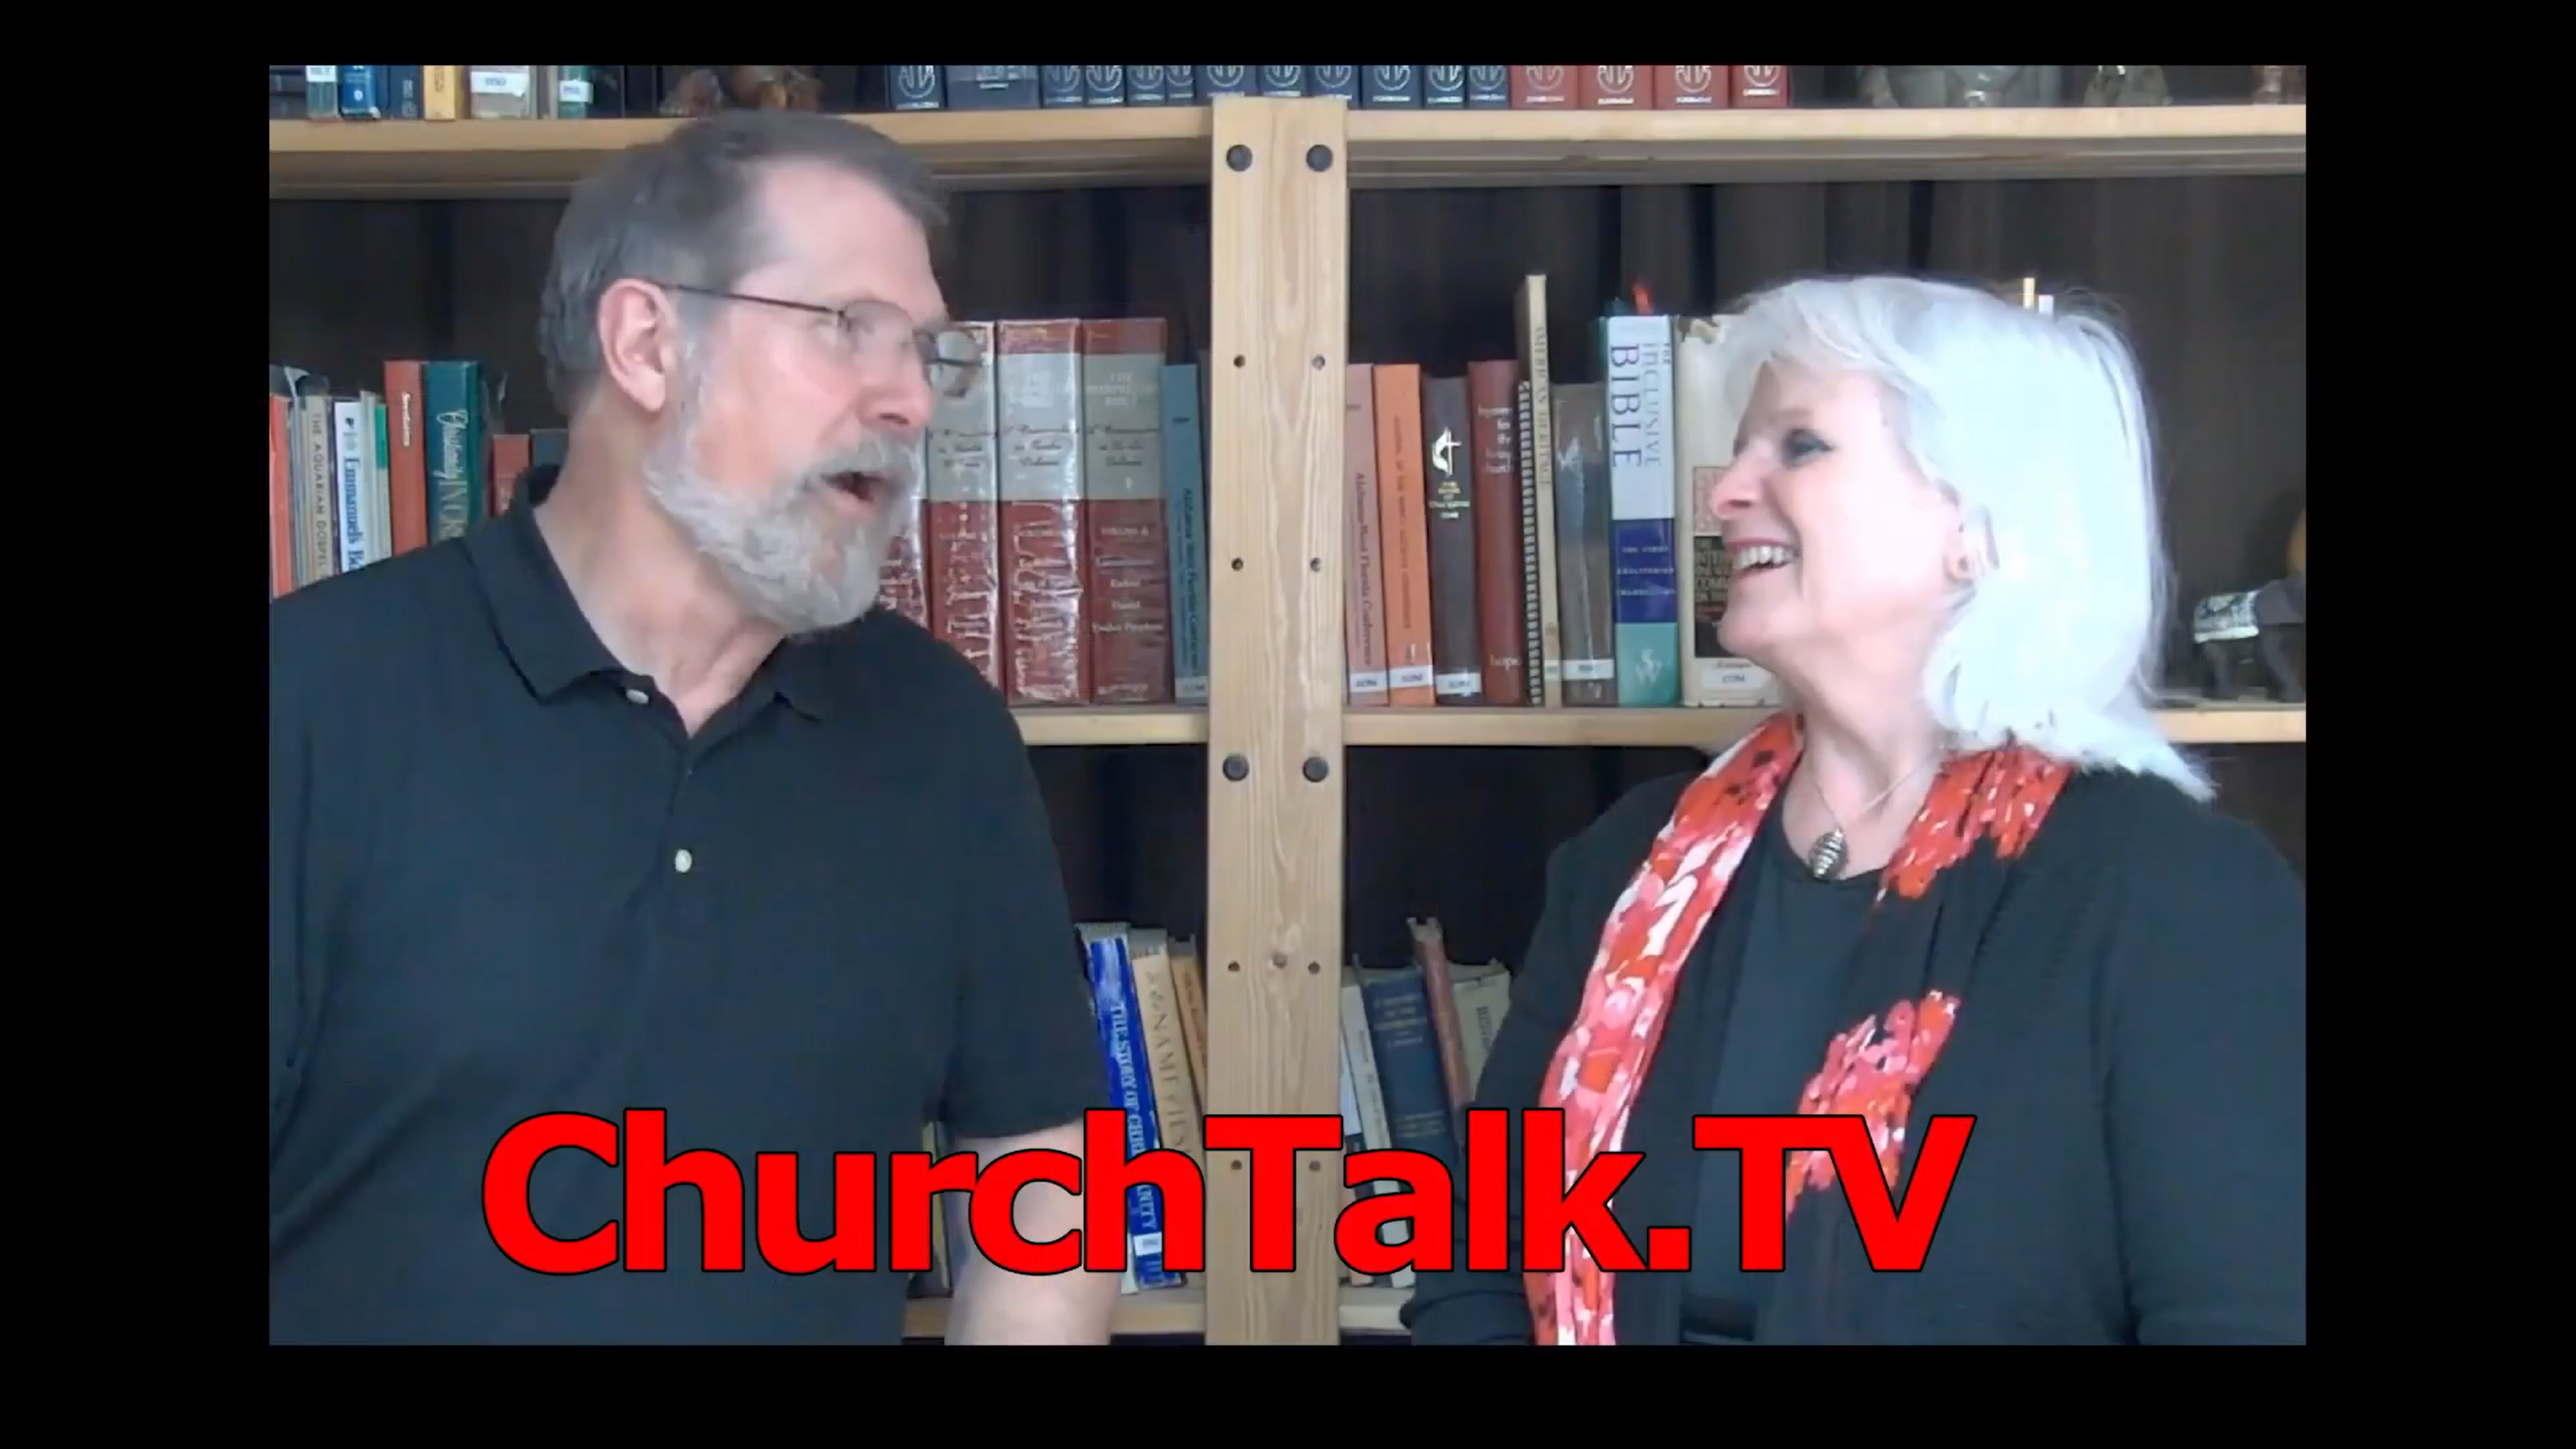 ChurchTalk.Tv